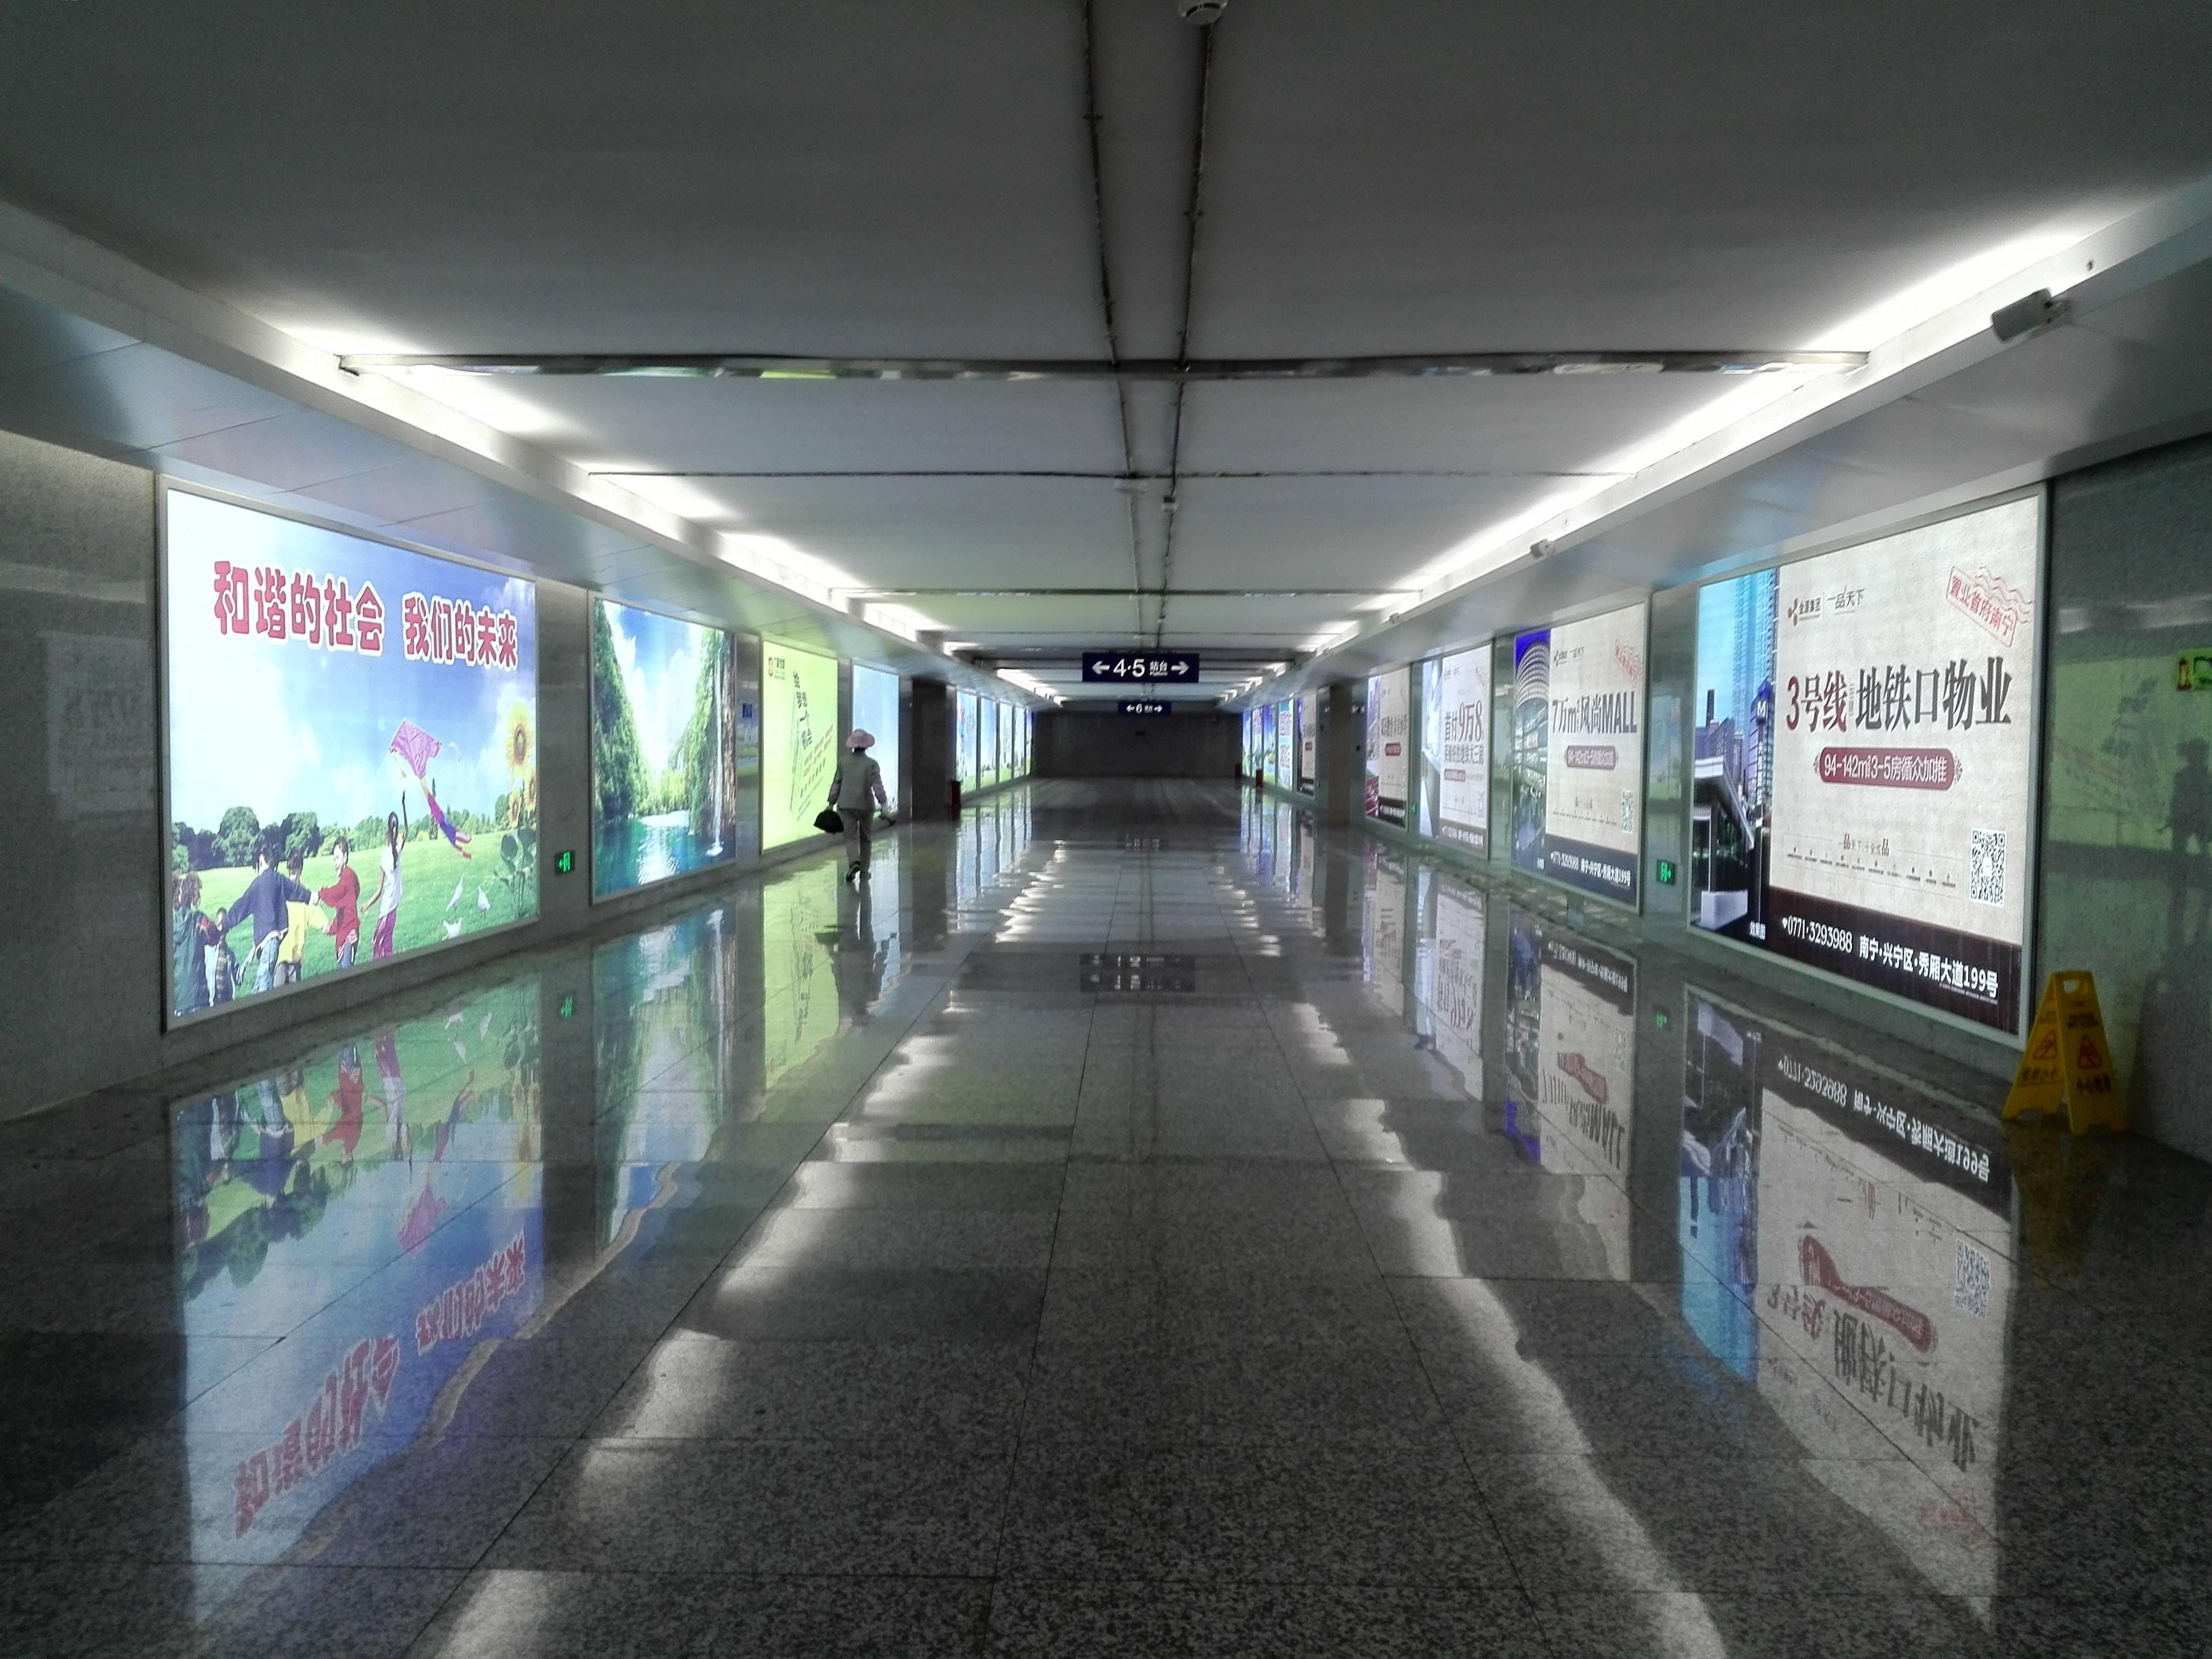 广西平果站火车站高铁站地下通道灯箱媒体广告位